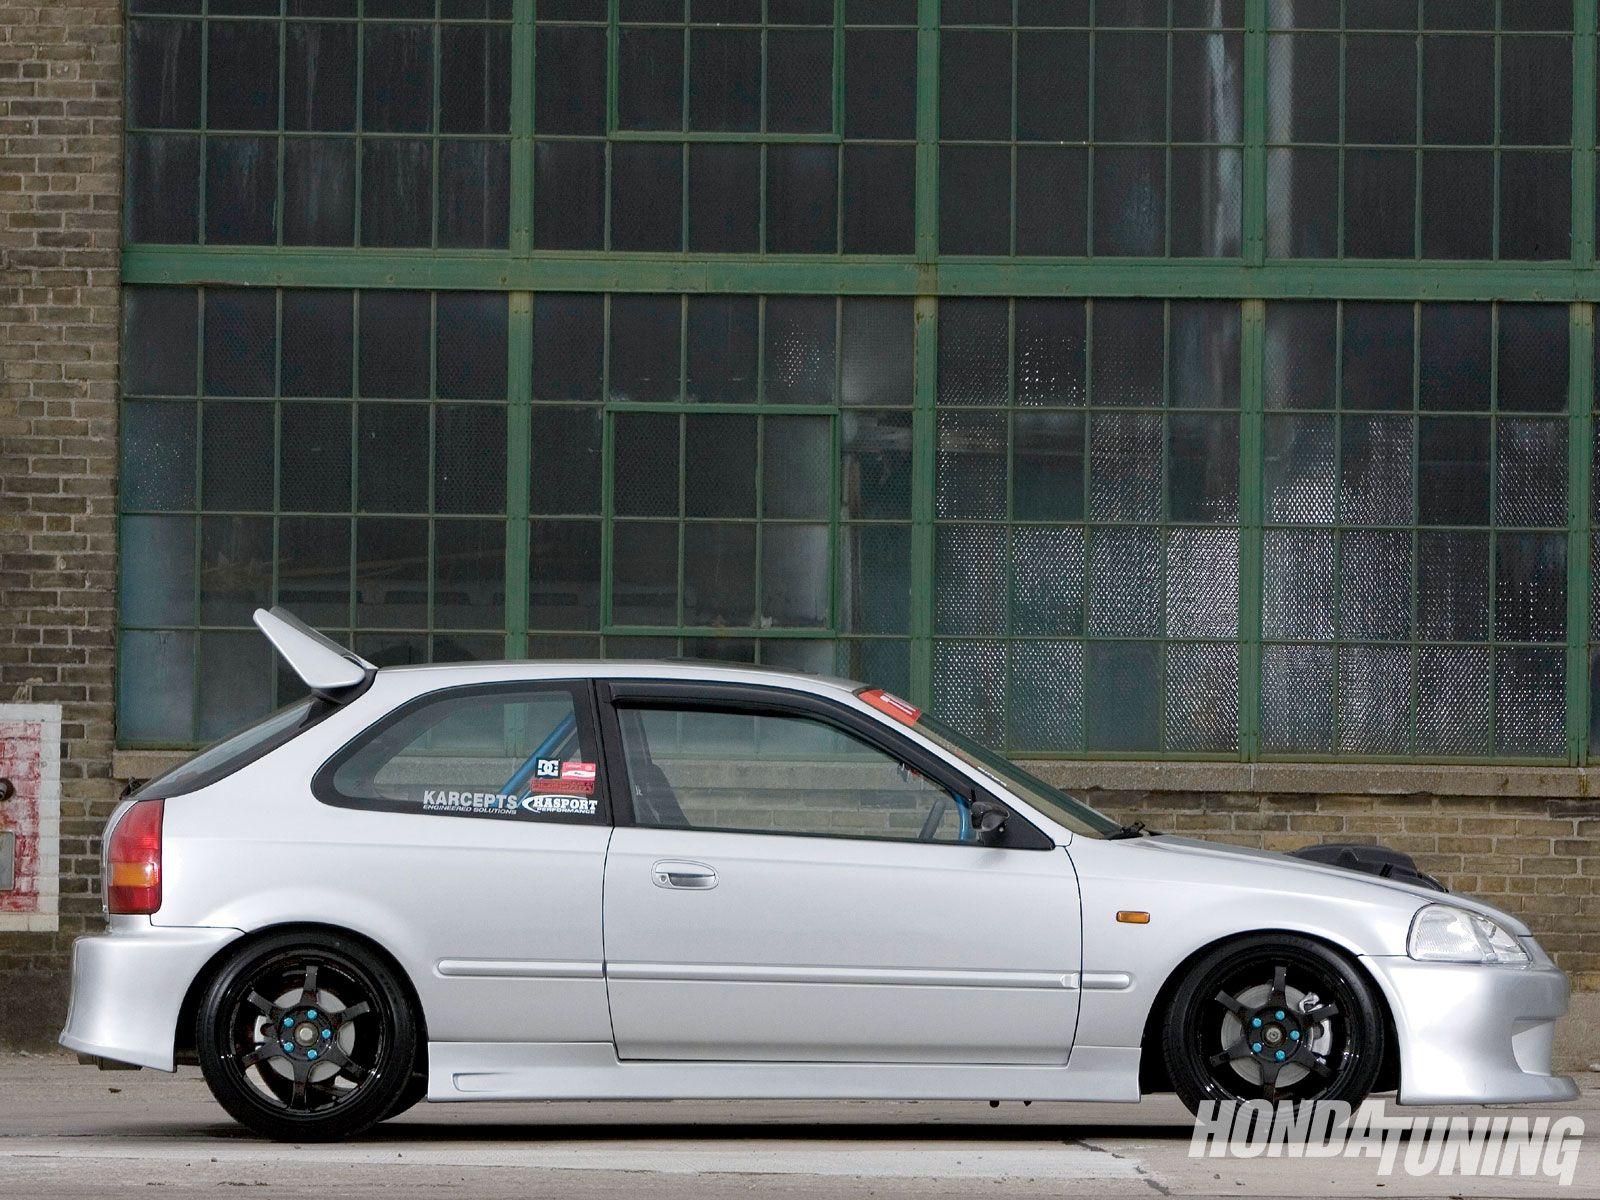 1997 Honda Civic Ek Hatchback Honda Tuning Magazine Honda Civic Hatchback Honda